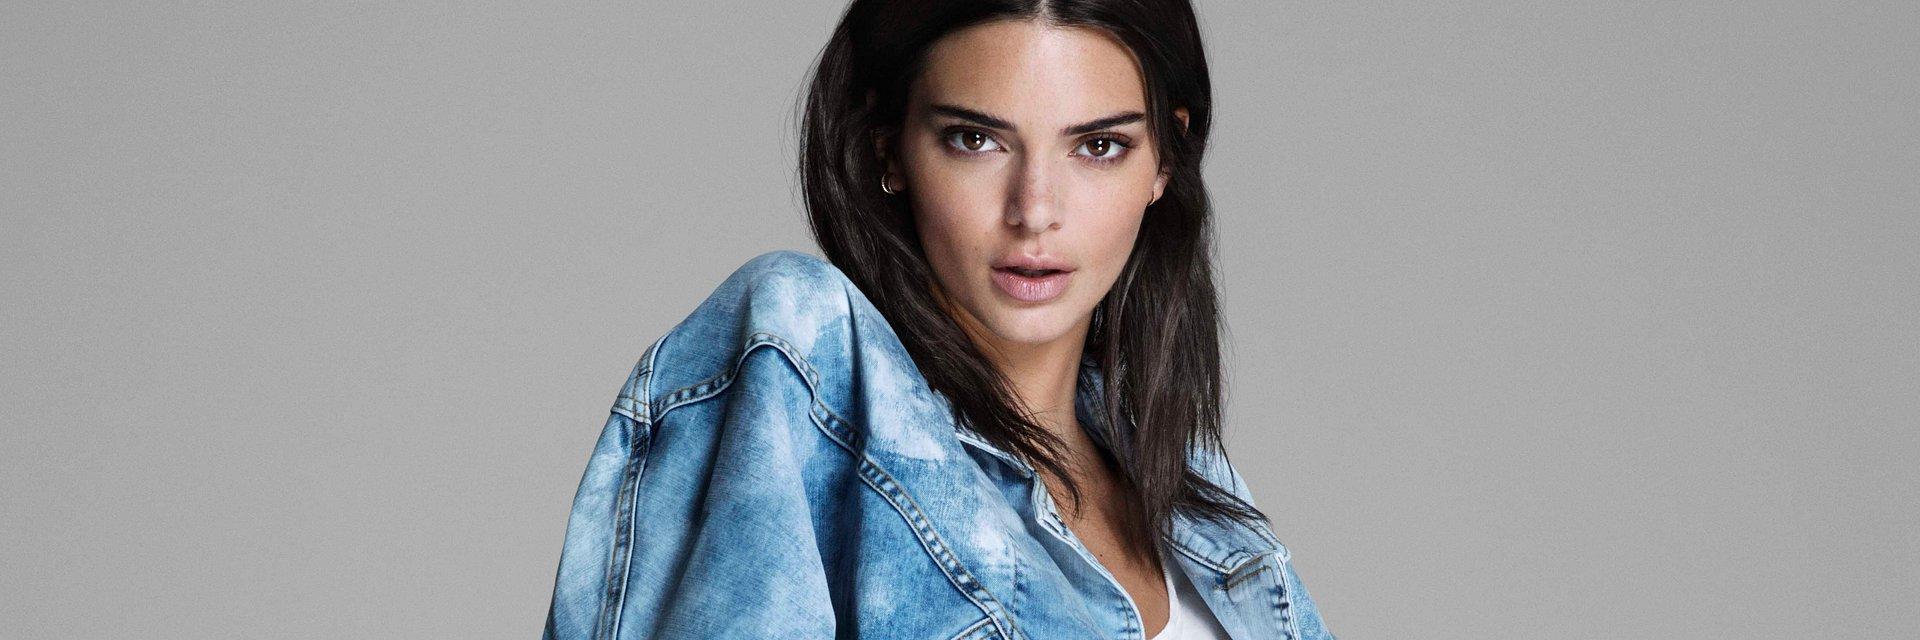 Wiosną rozkwita jeans! Kolekcja Liu Jo Blue Denim S/S 2020